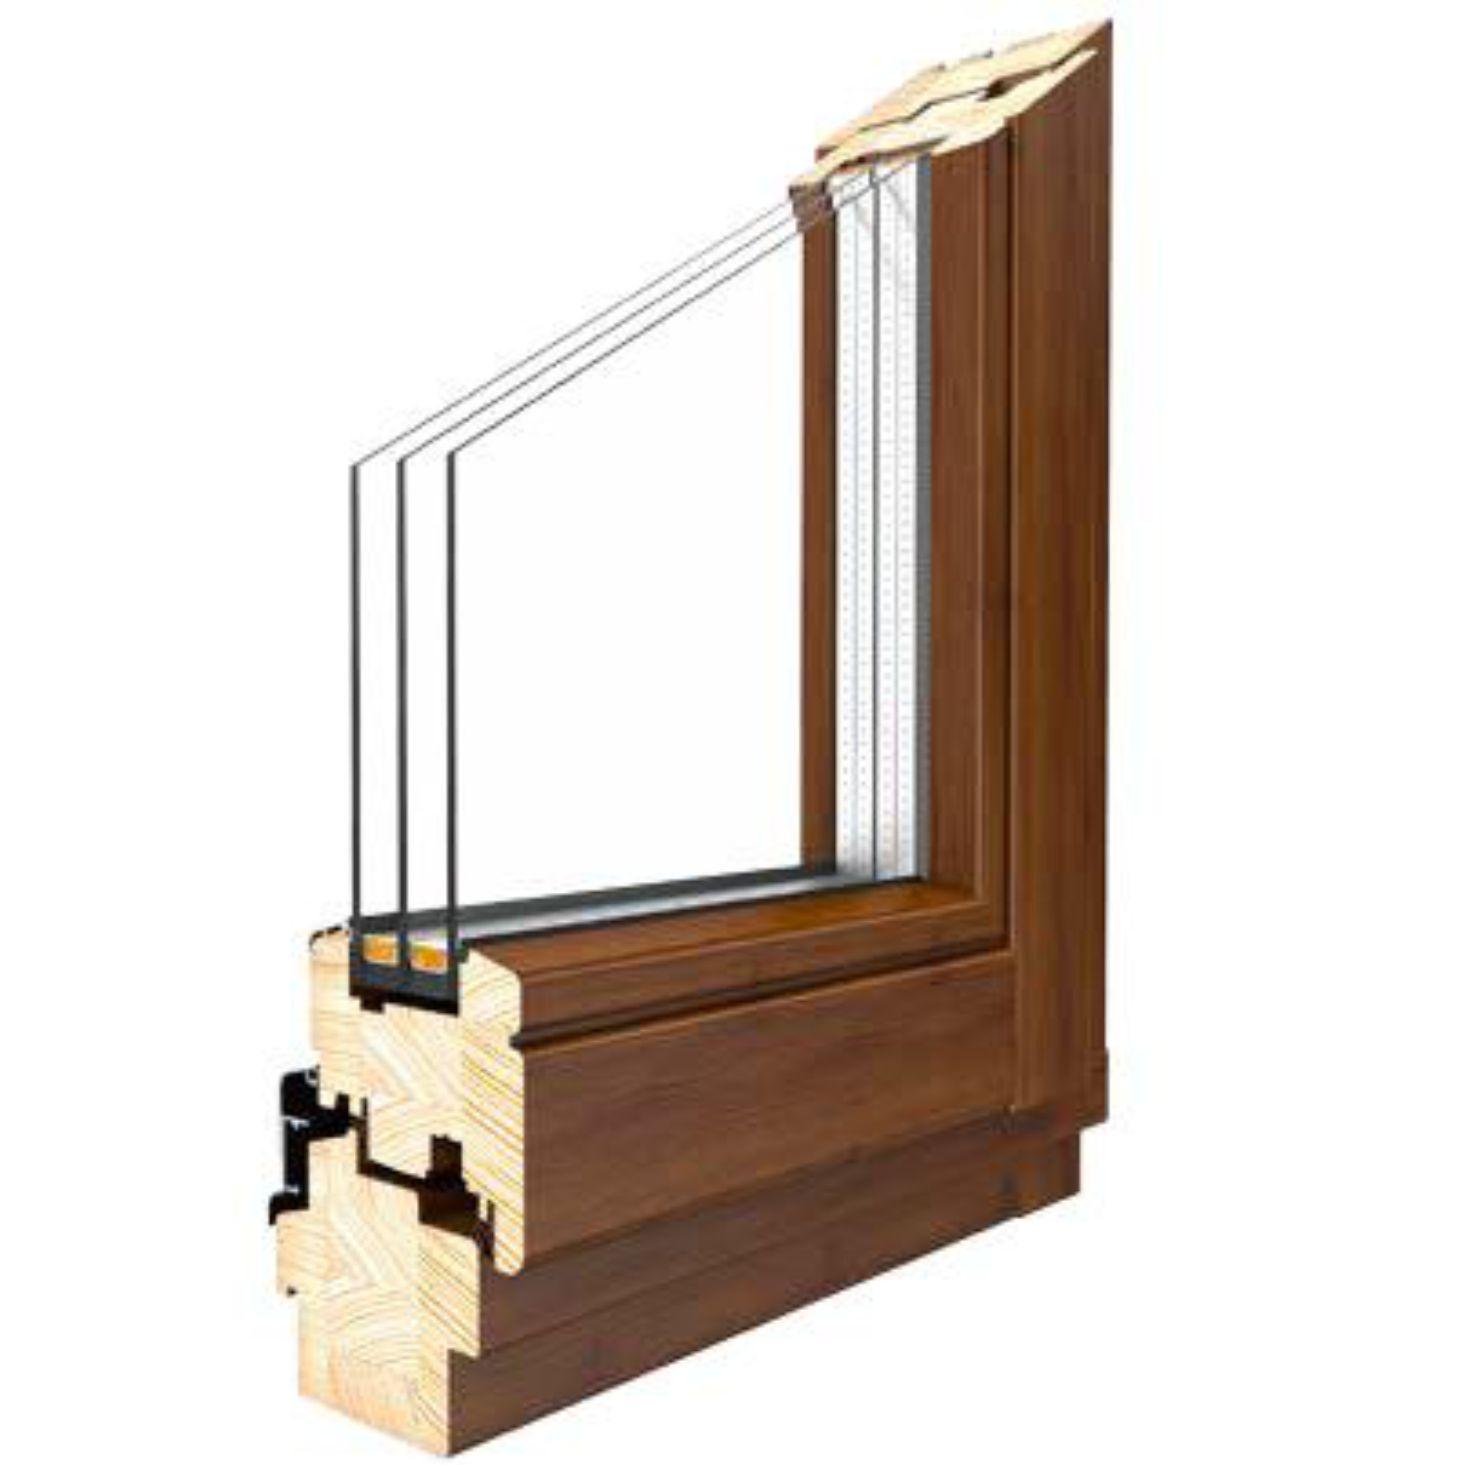 Full Size of Holzfenster Drutesoftline 88 Meranti Holz Fenster Alle Gren Veka Preise Drutex Insektenschutzgitter Internorm Sicherheitsbeschläge Nachrüsten Aluplast Maße Fenster Fenster Drutex